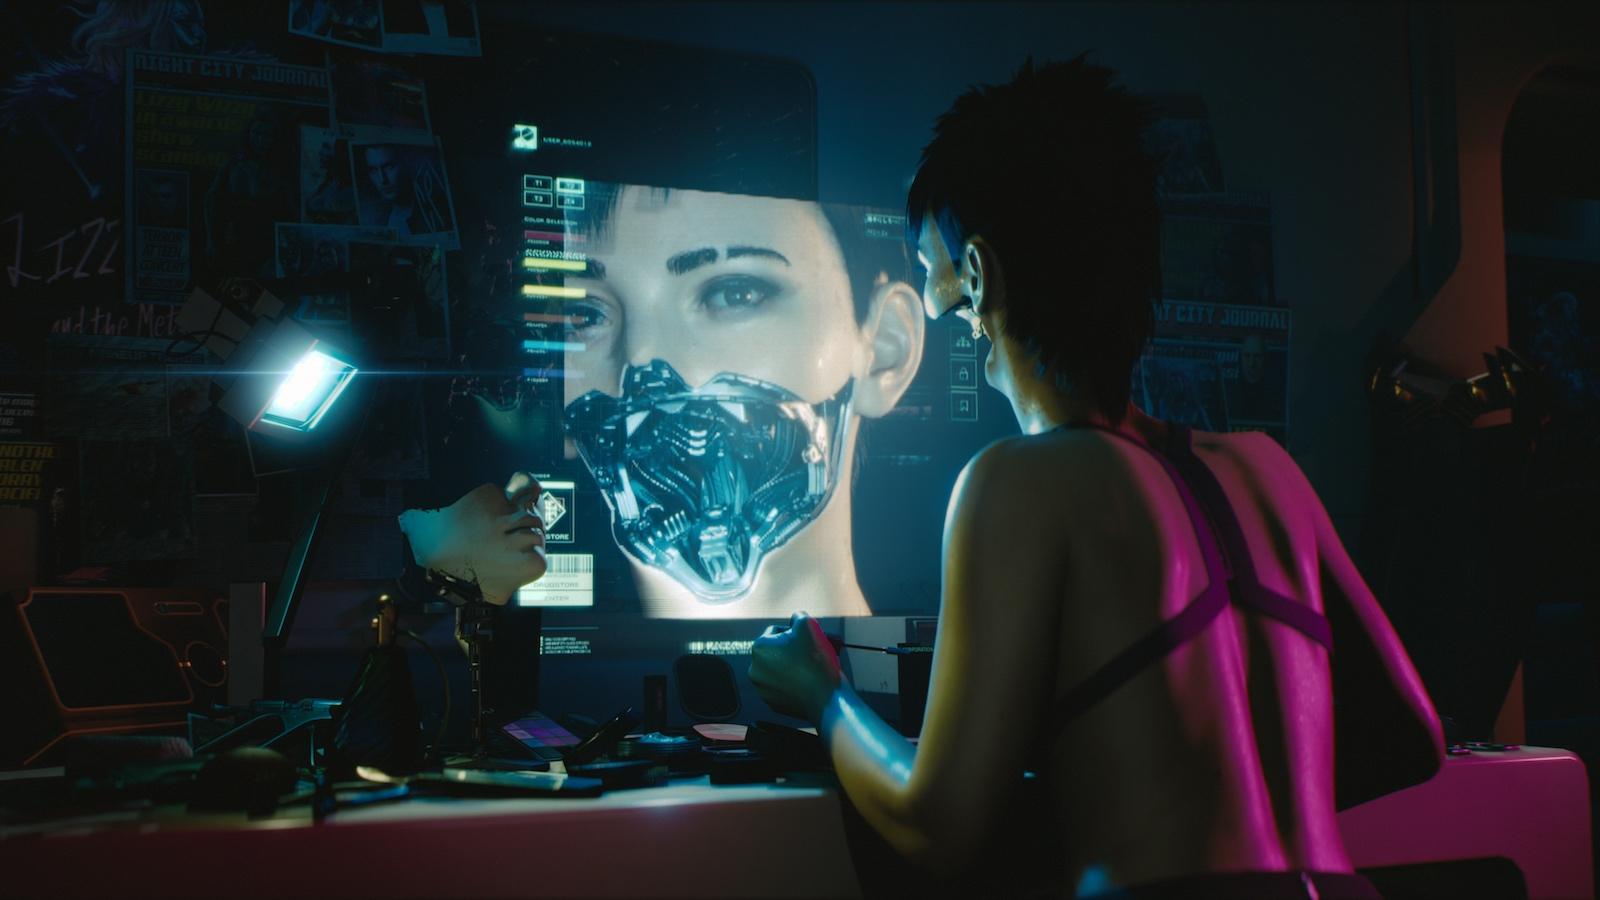 Cyberpunk 2077, Impressioni Dalla Demo Dell'E3 2018 - Anteprima 1 - Hynerd.it